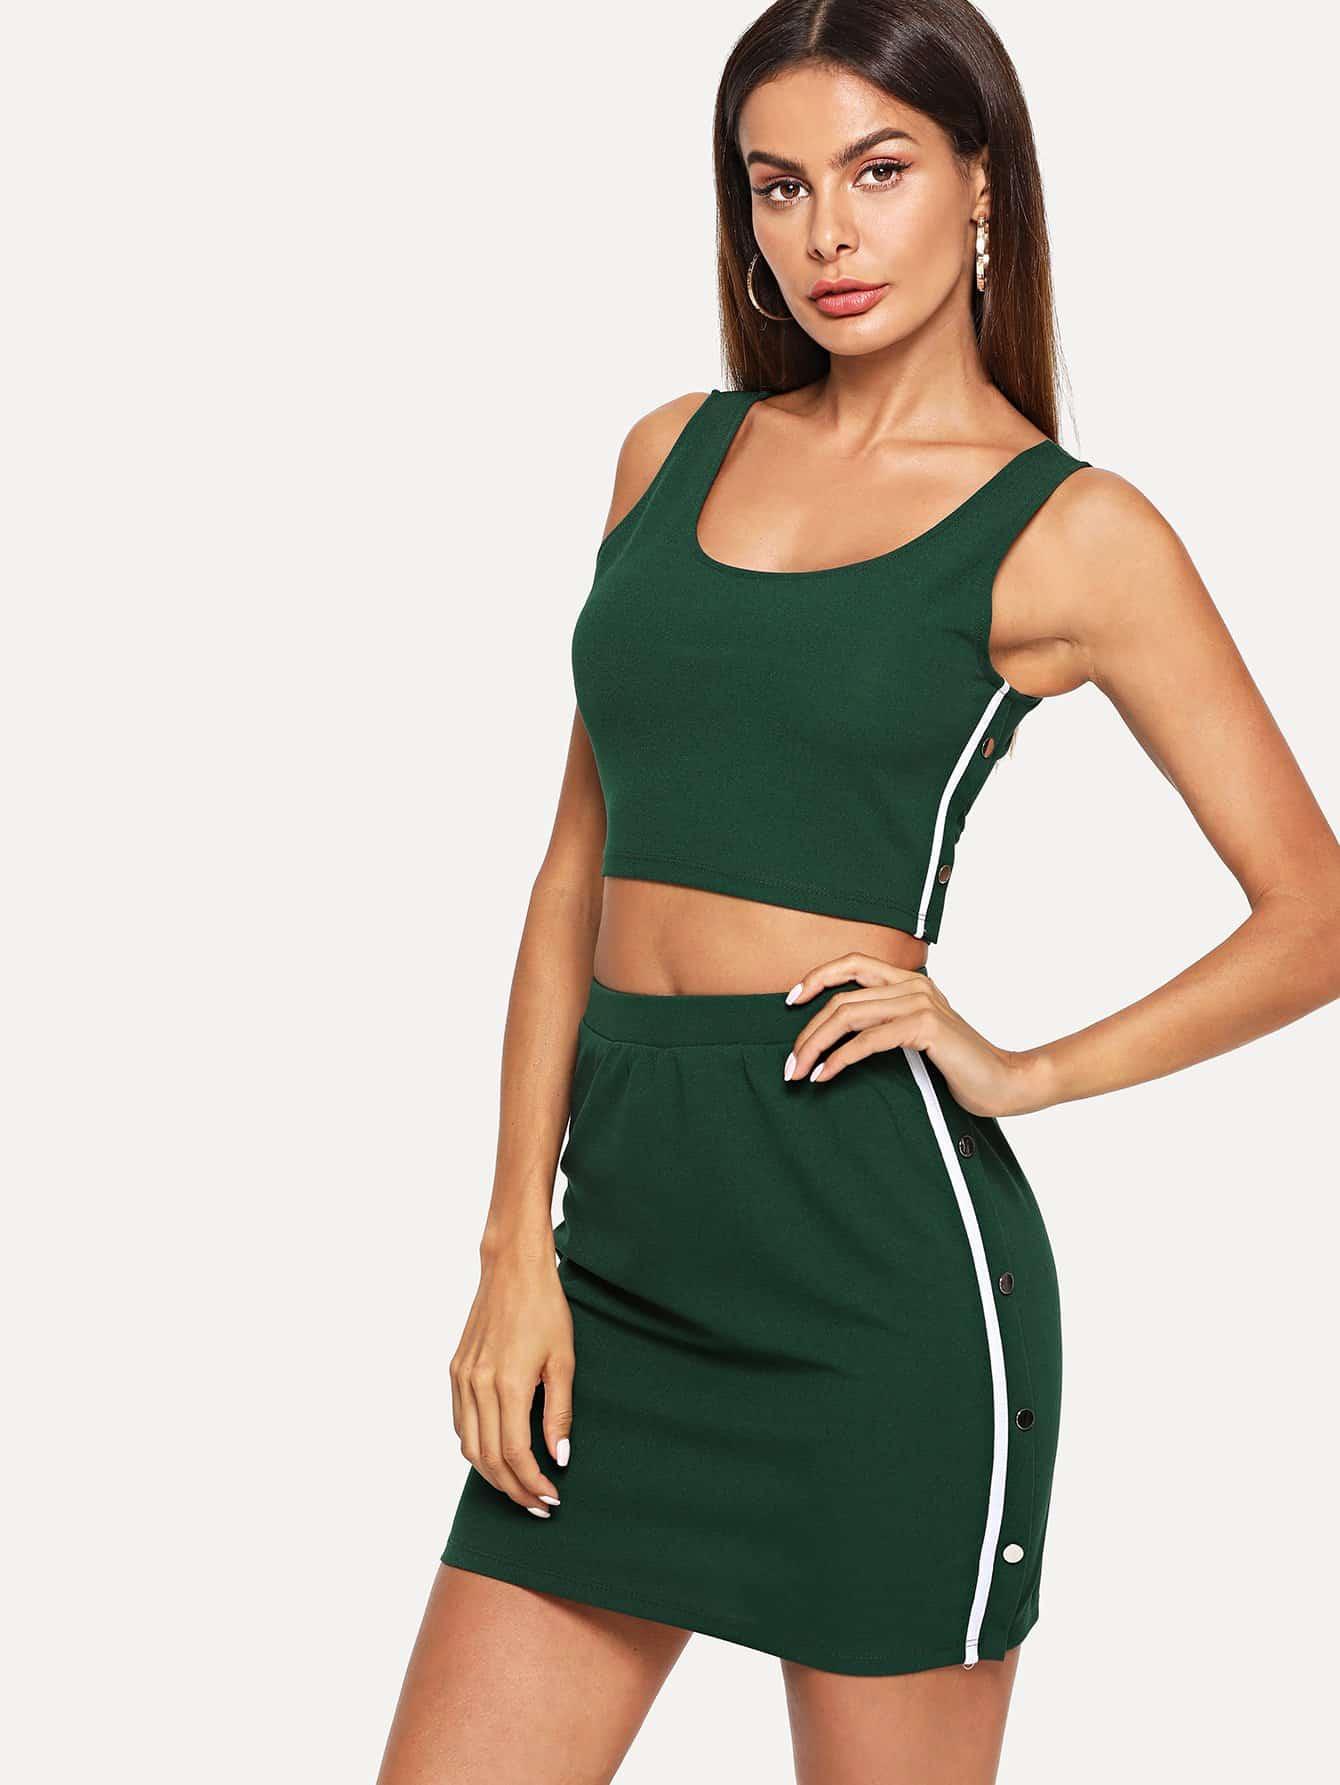 Strip Side Crop Shell Top & Skirt Set black choker sleeveless crop top